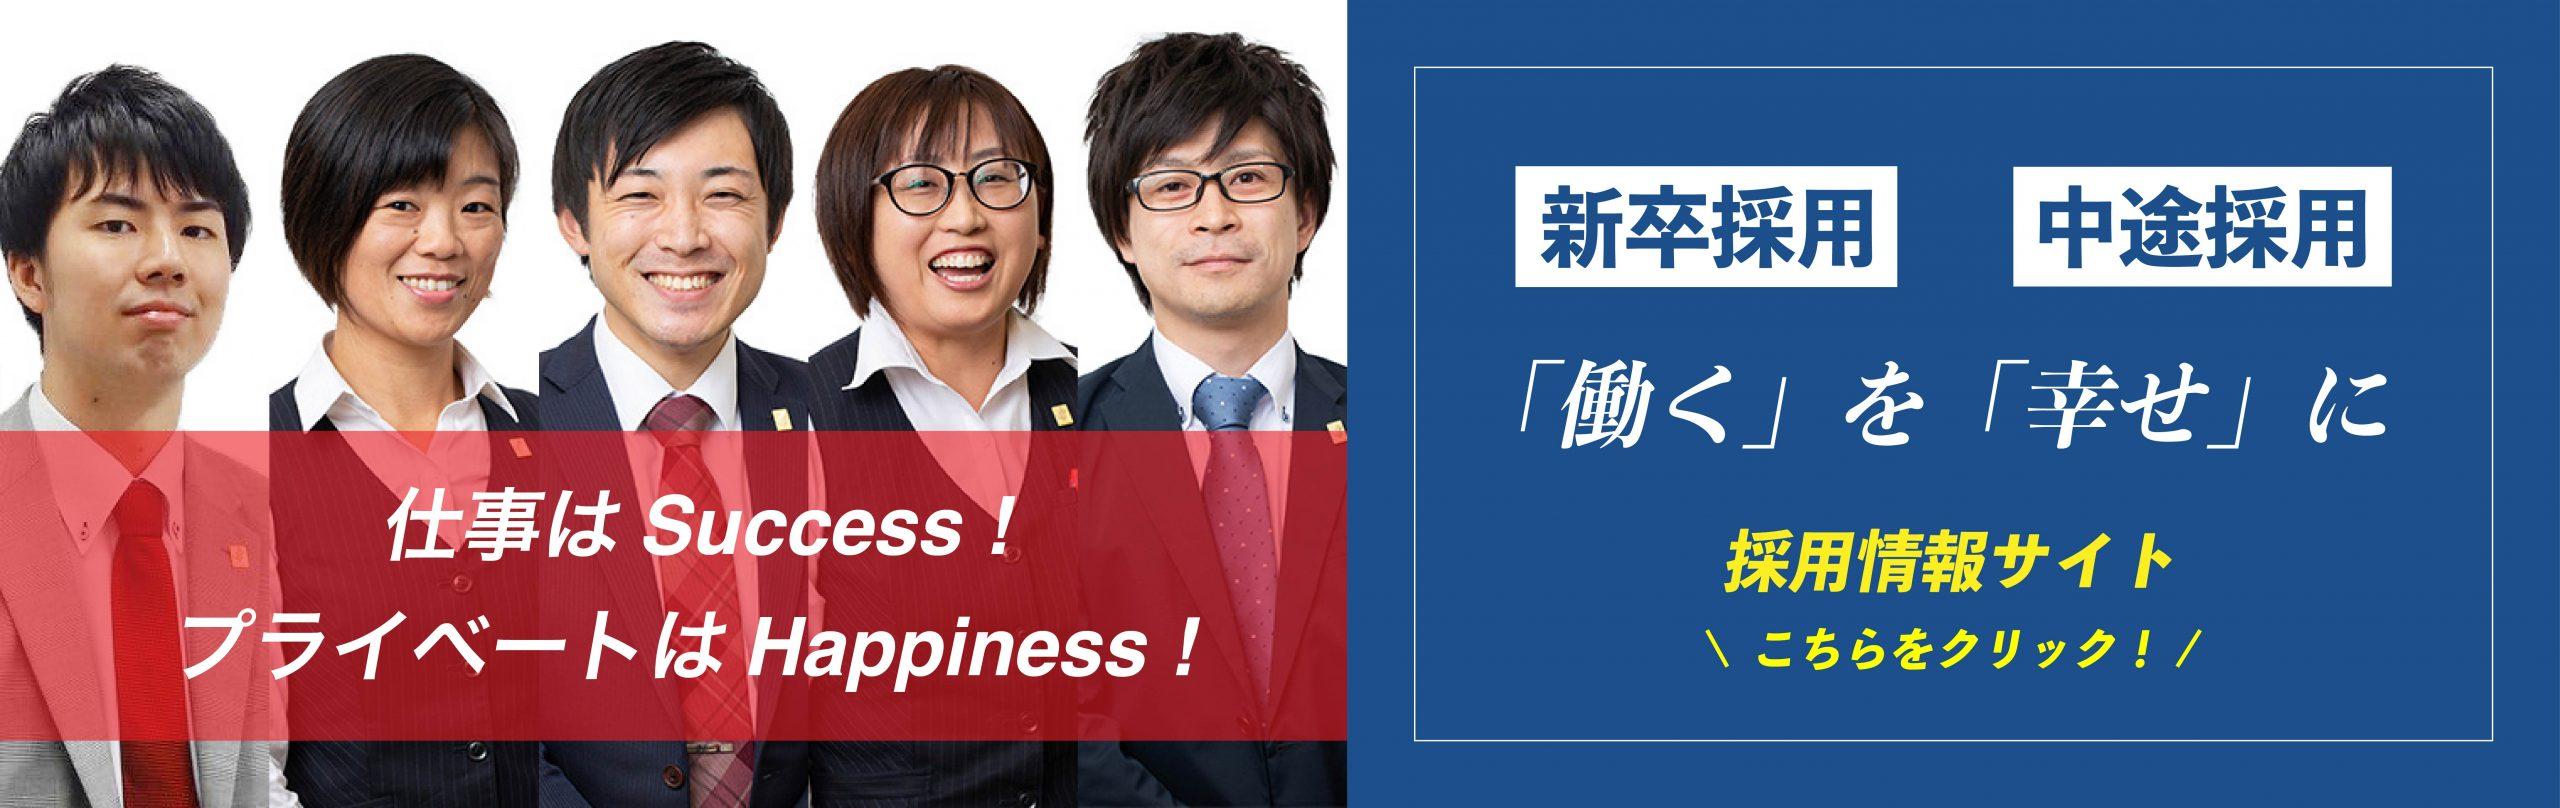 仕事はSuccess!プライベートはHappiness! 「働く」を「幸せ」に。 株式会社高山の採用情報ページです。